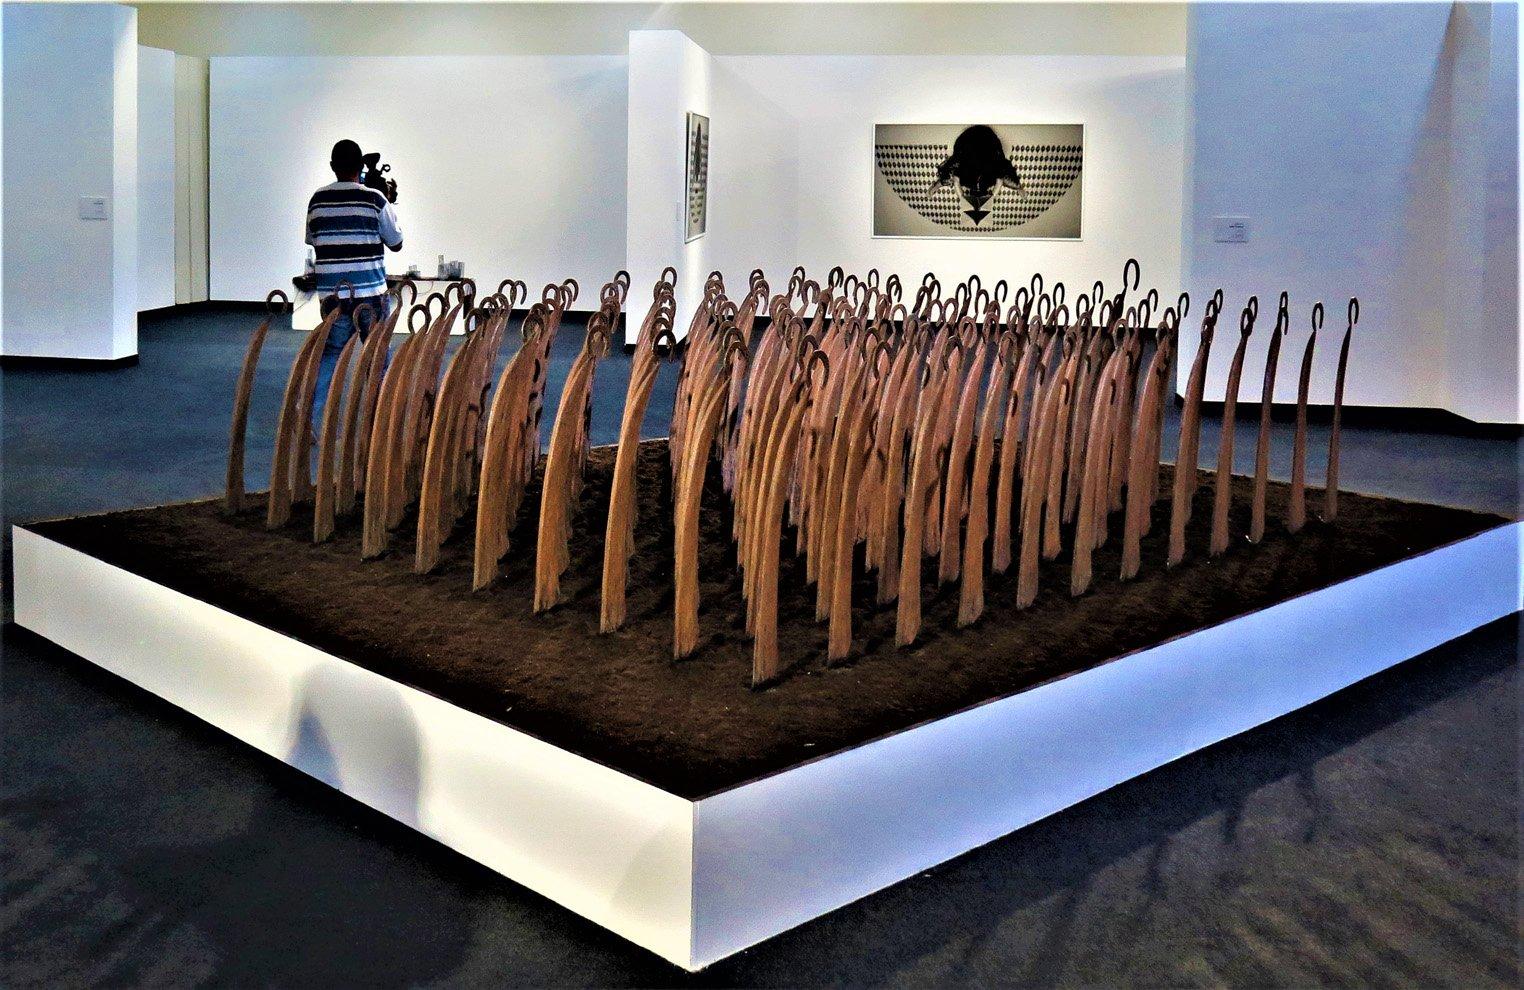 L'armée des faux 2 oeuvre artiste contemporain Kamel Yahiaoui